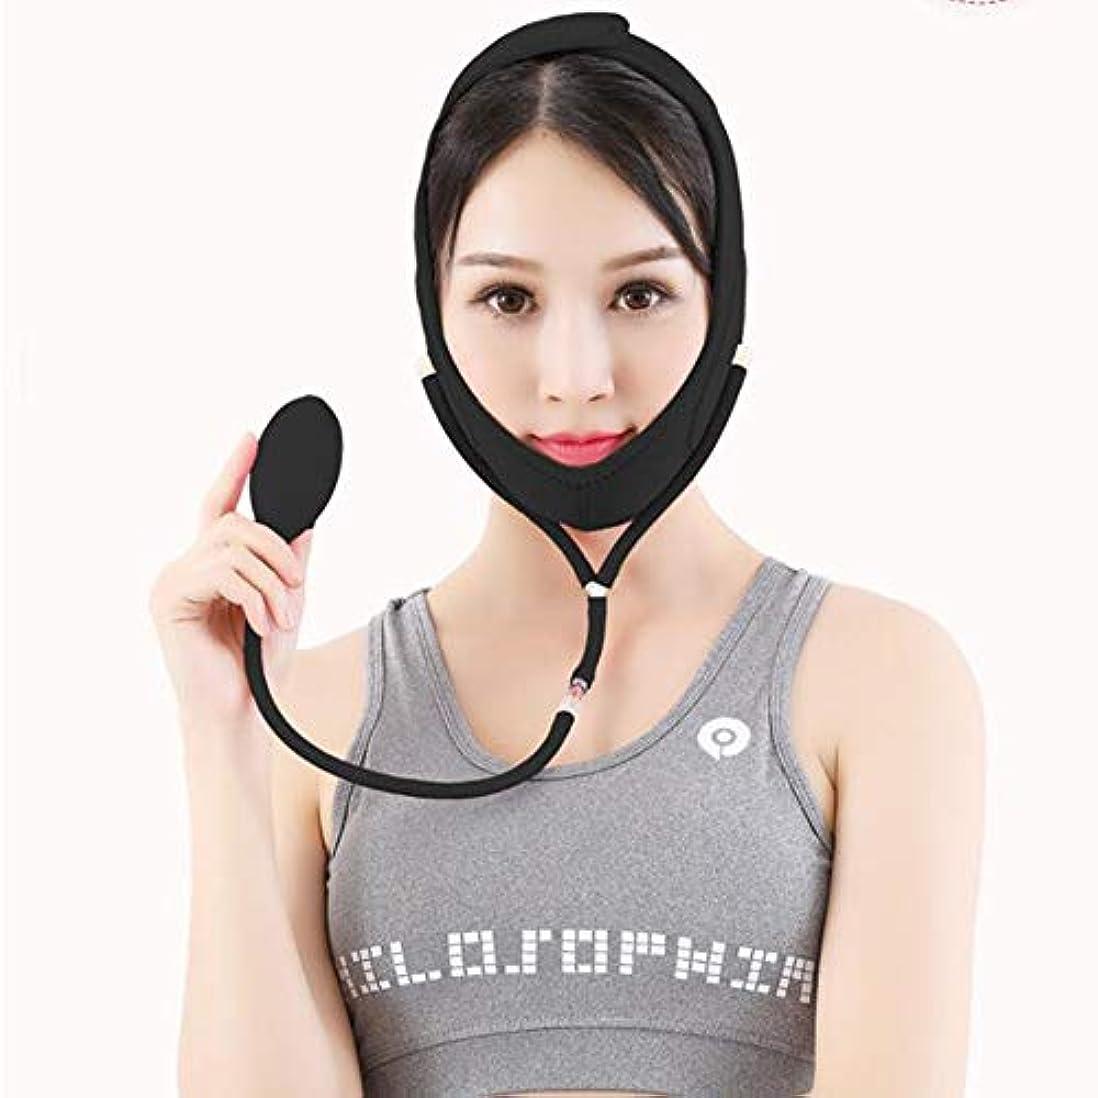 社会論理的に飢えたGYZ フェイシャルリフティング痩身ベルトダブルエアバッグ圧力調整フェイス包帯マスク整形マスクが顔を引き締める Thin Face Belt (Color : Black, Size : M)